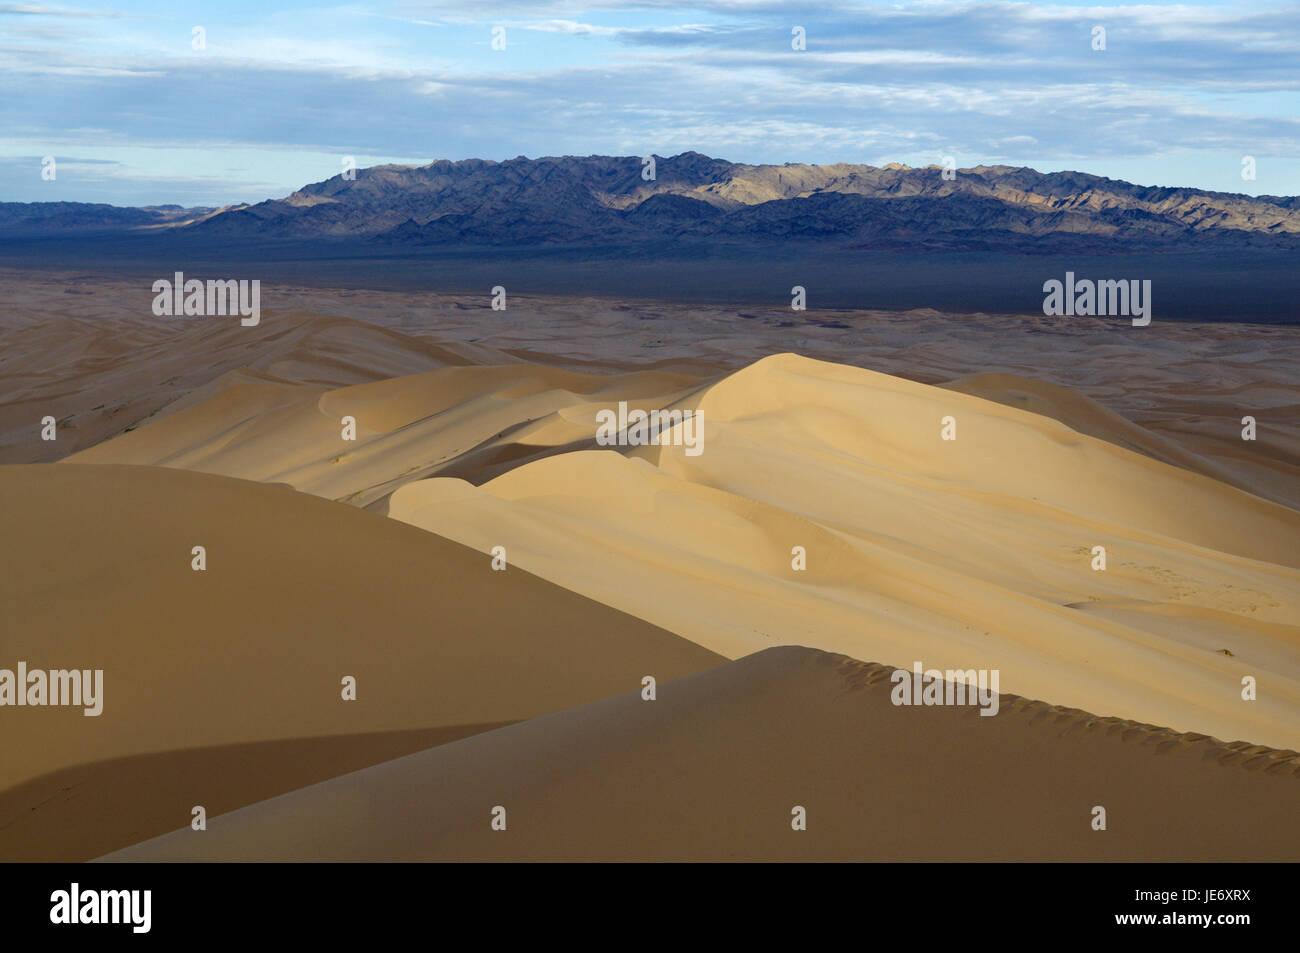 Mongolia, Asia Central, el Gobi Gurvansaikhan national park, al sur de la provincia de Gobi, el desierto, las dunas Foto de stock